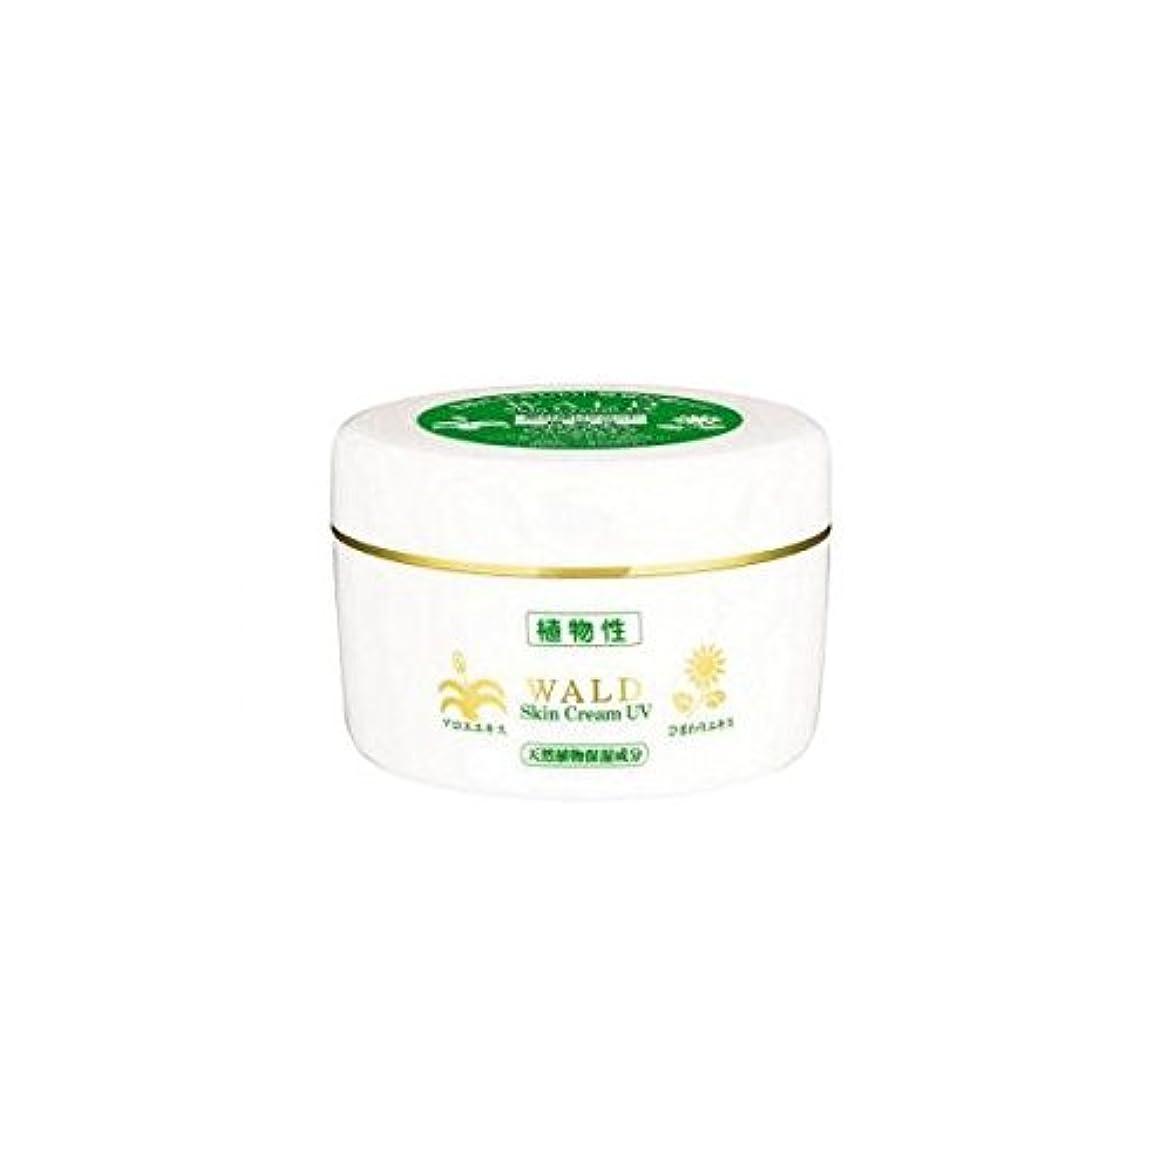 憂慮すべき無視エキス新 ヴァルトスキンクリーム UV (WALD Skin Cream UV) 220g (1)